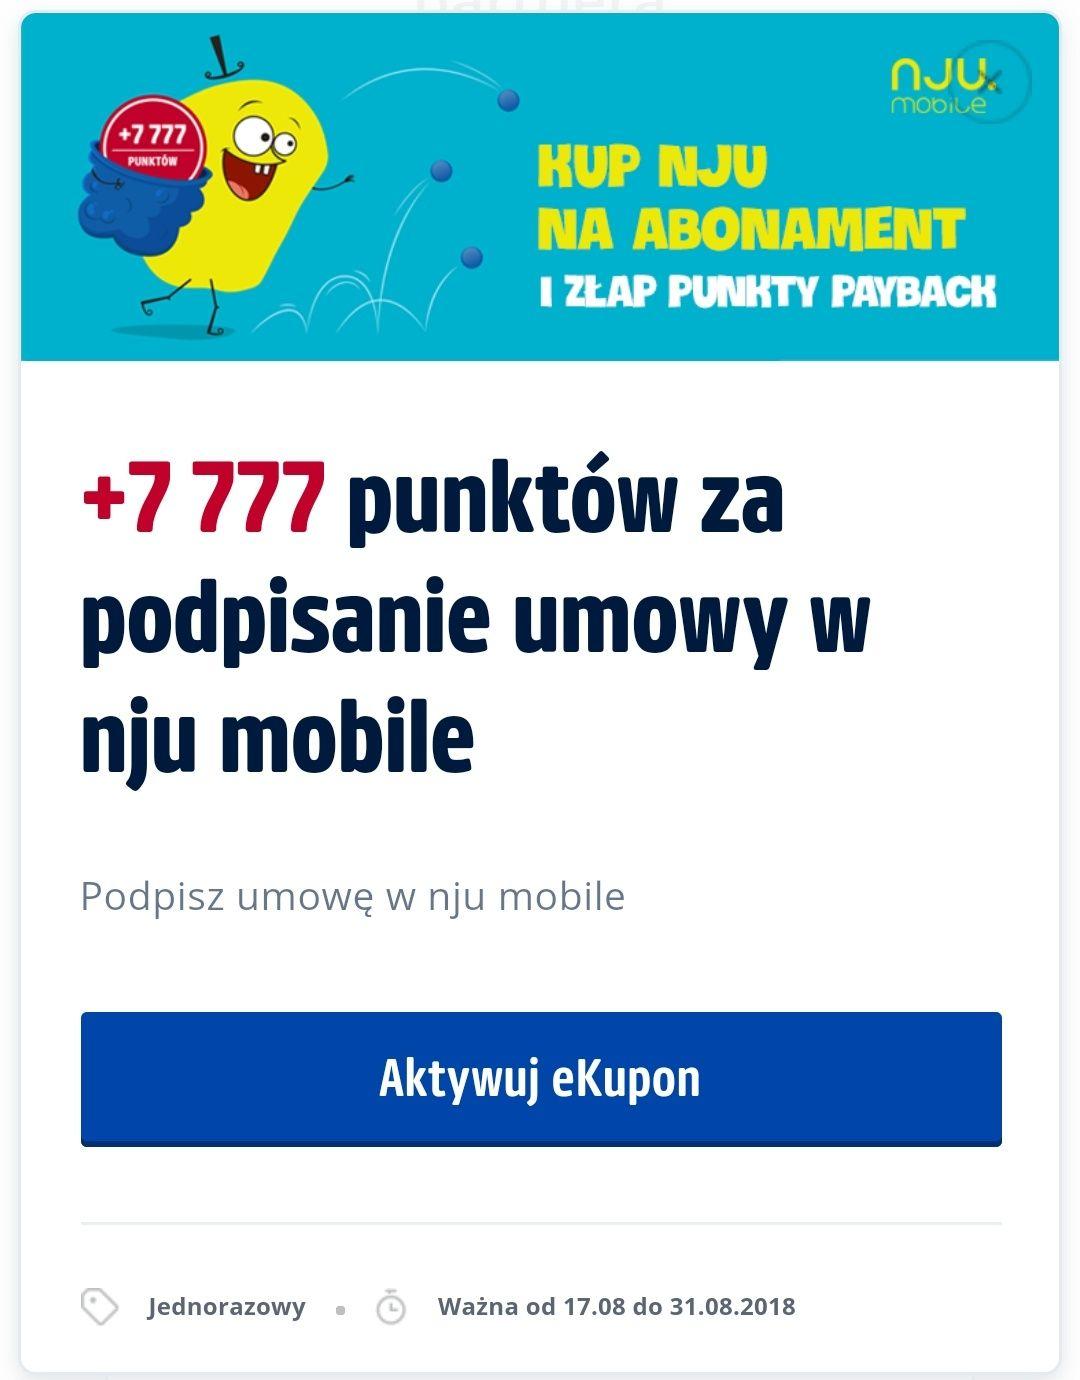 +7777pkt Payback (=77zł) za podpisanie umowy w NJU Mobile (możliwe wiecej!)